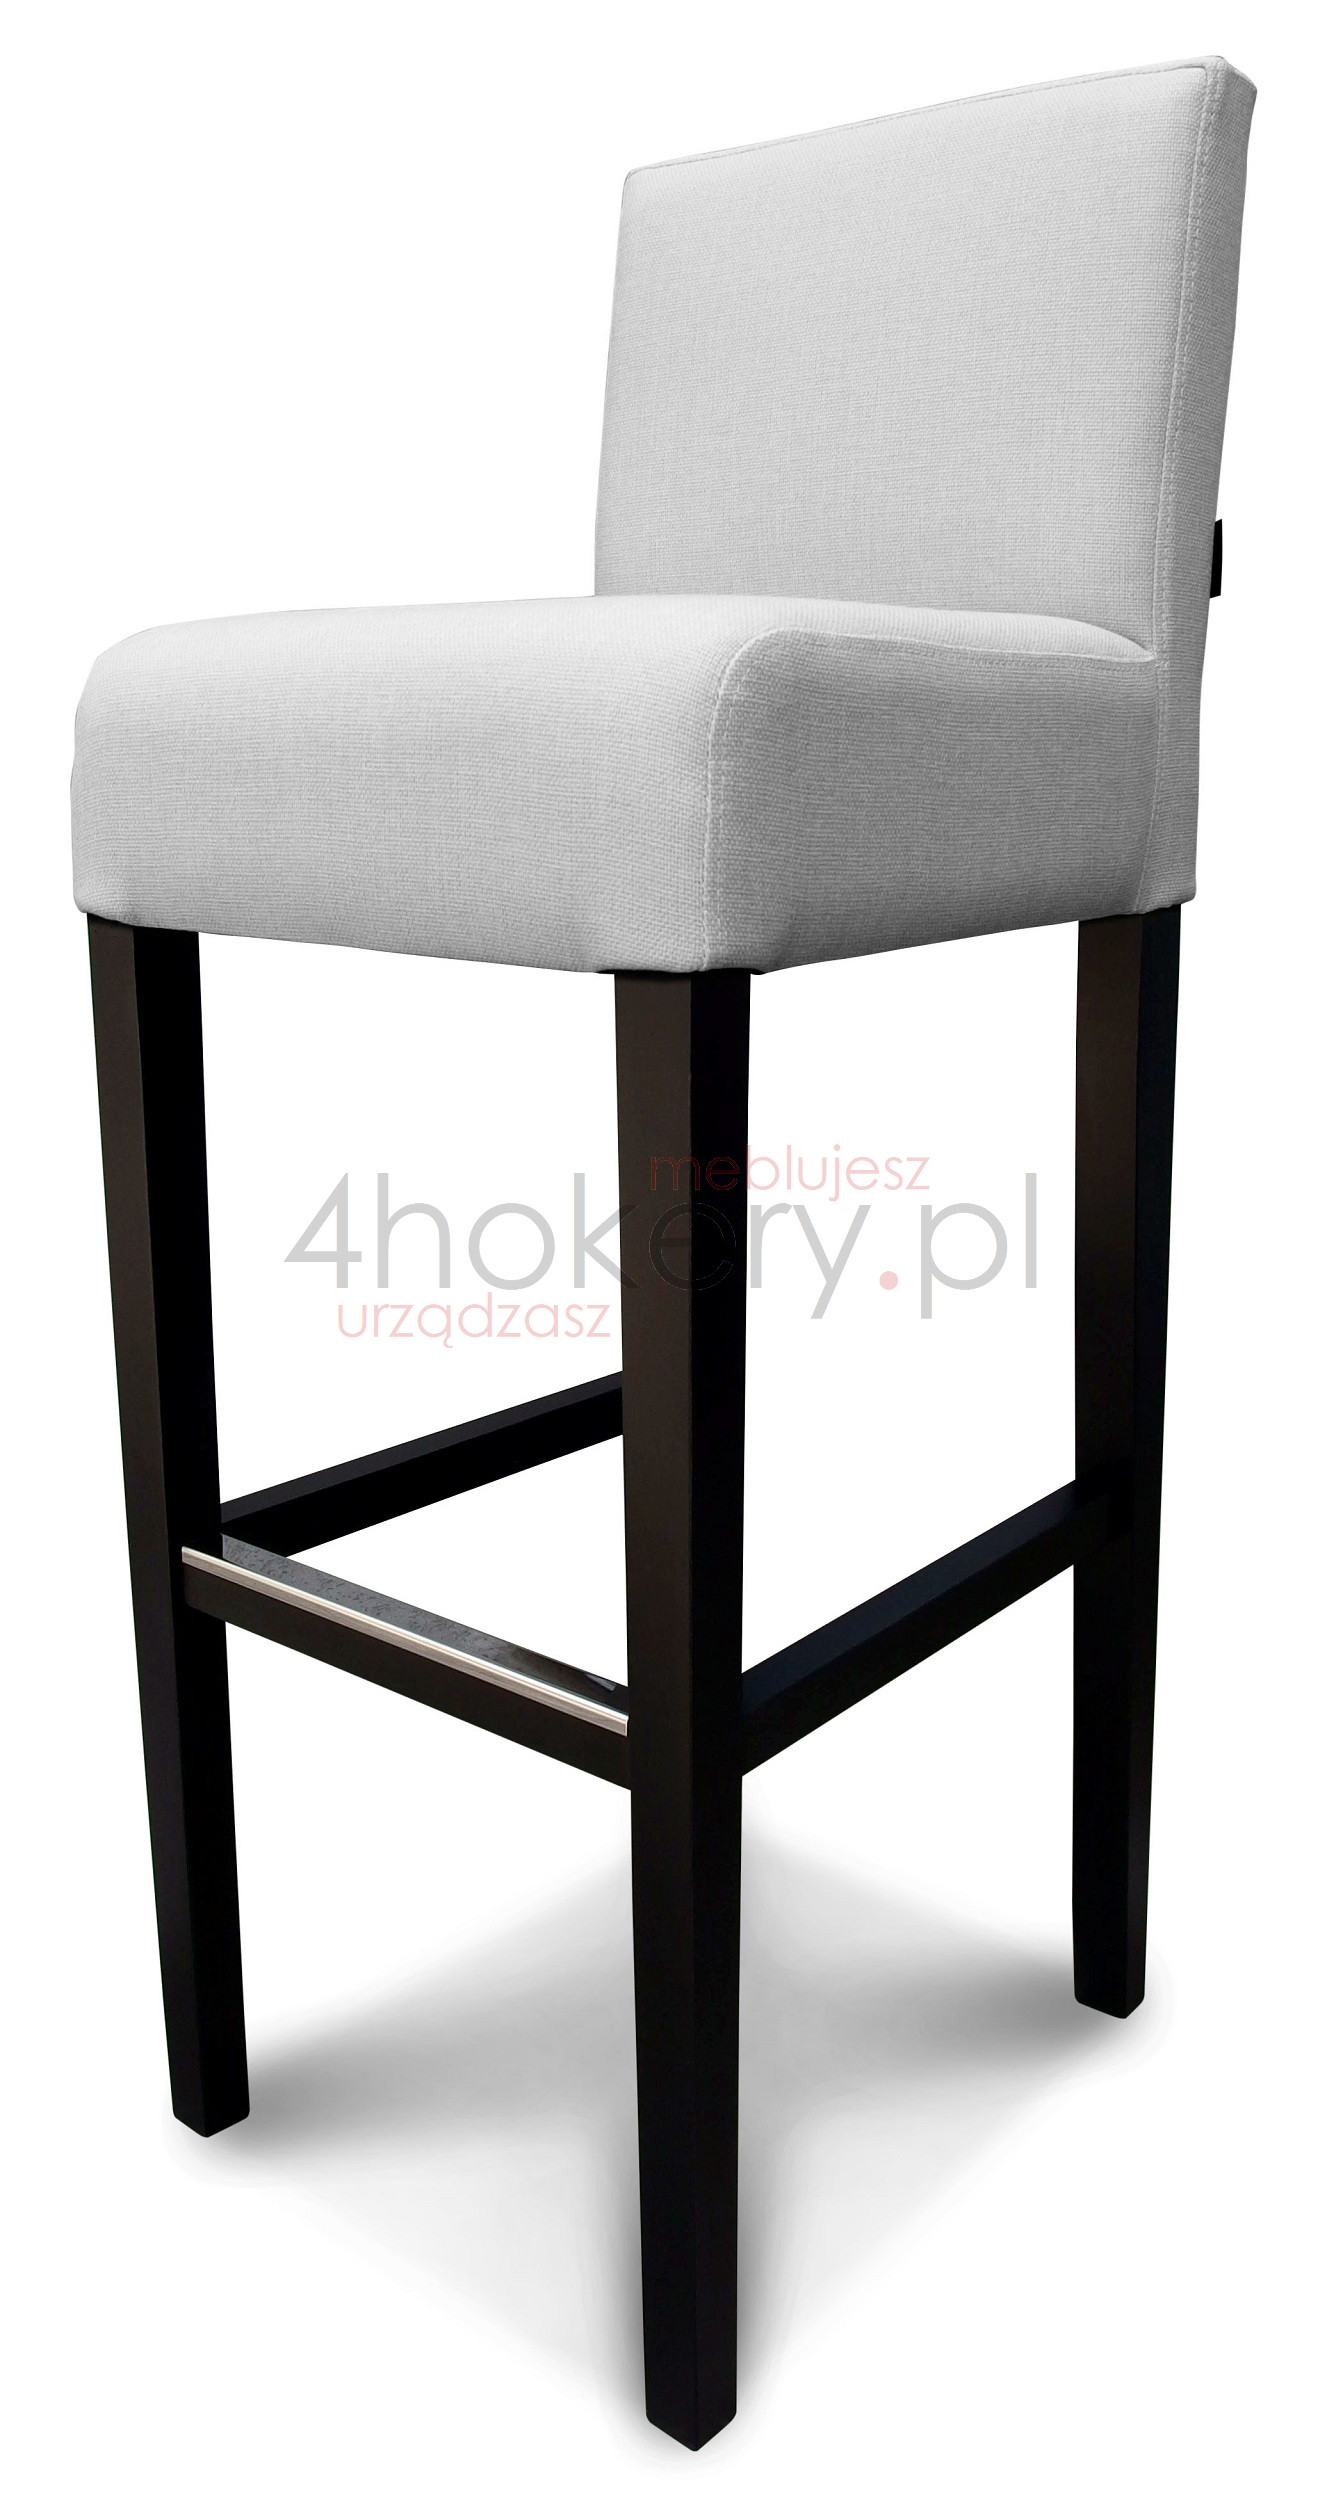 Hoker, krzesło barowe z grubym siedziskiem